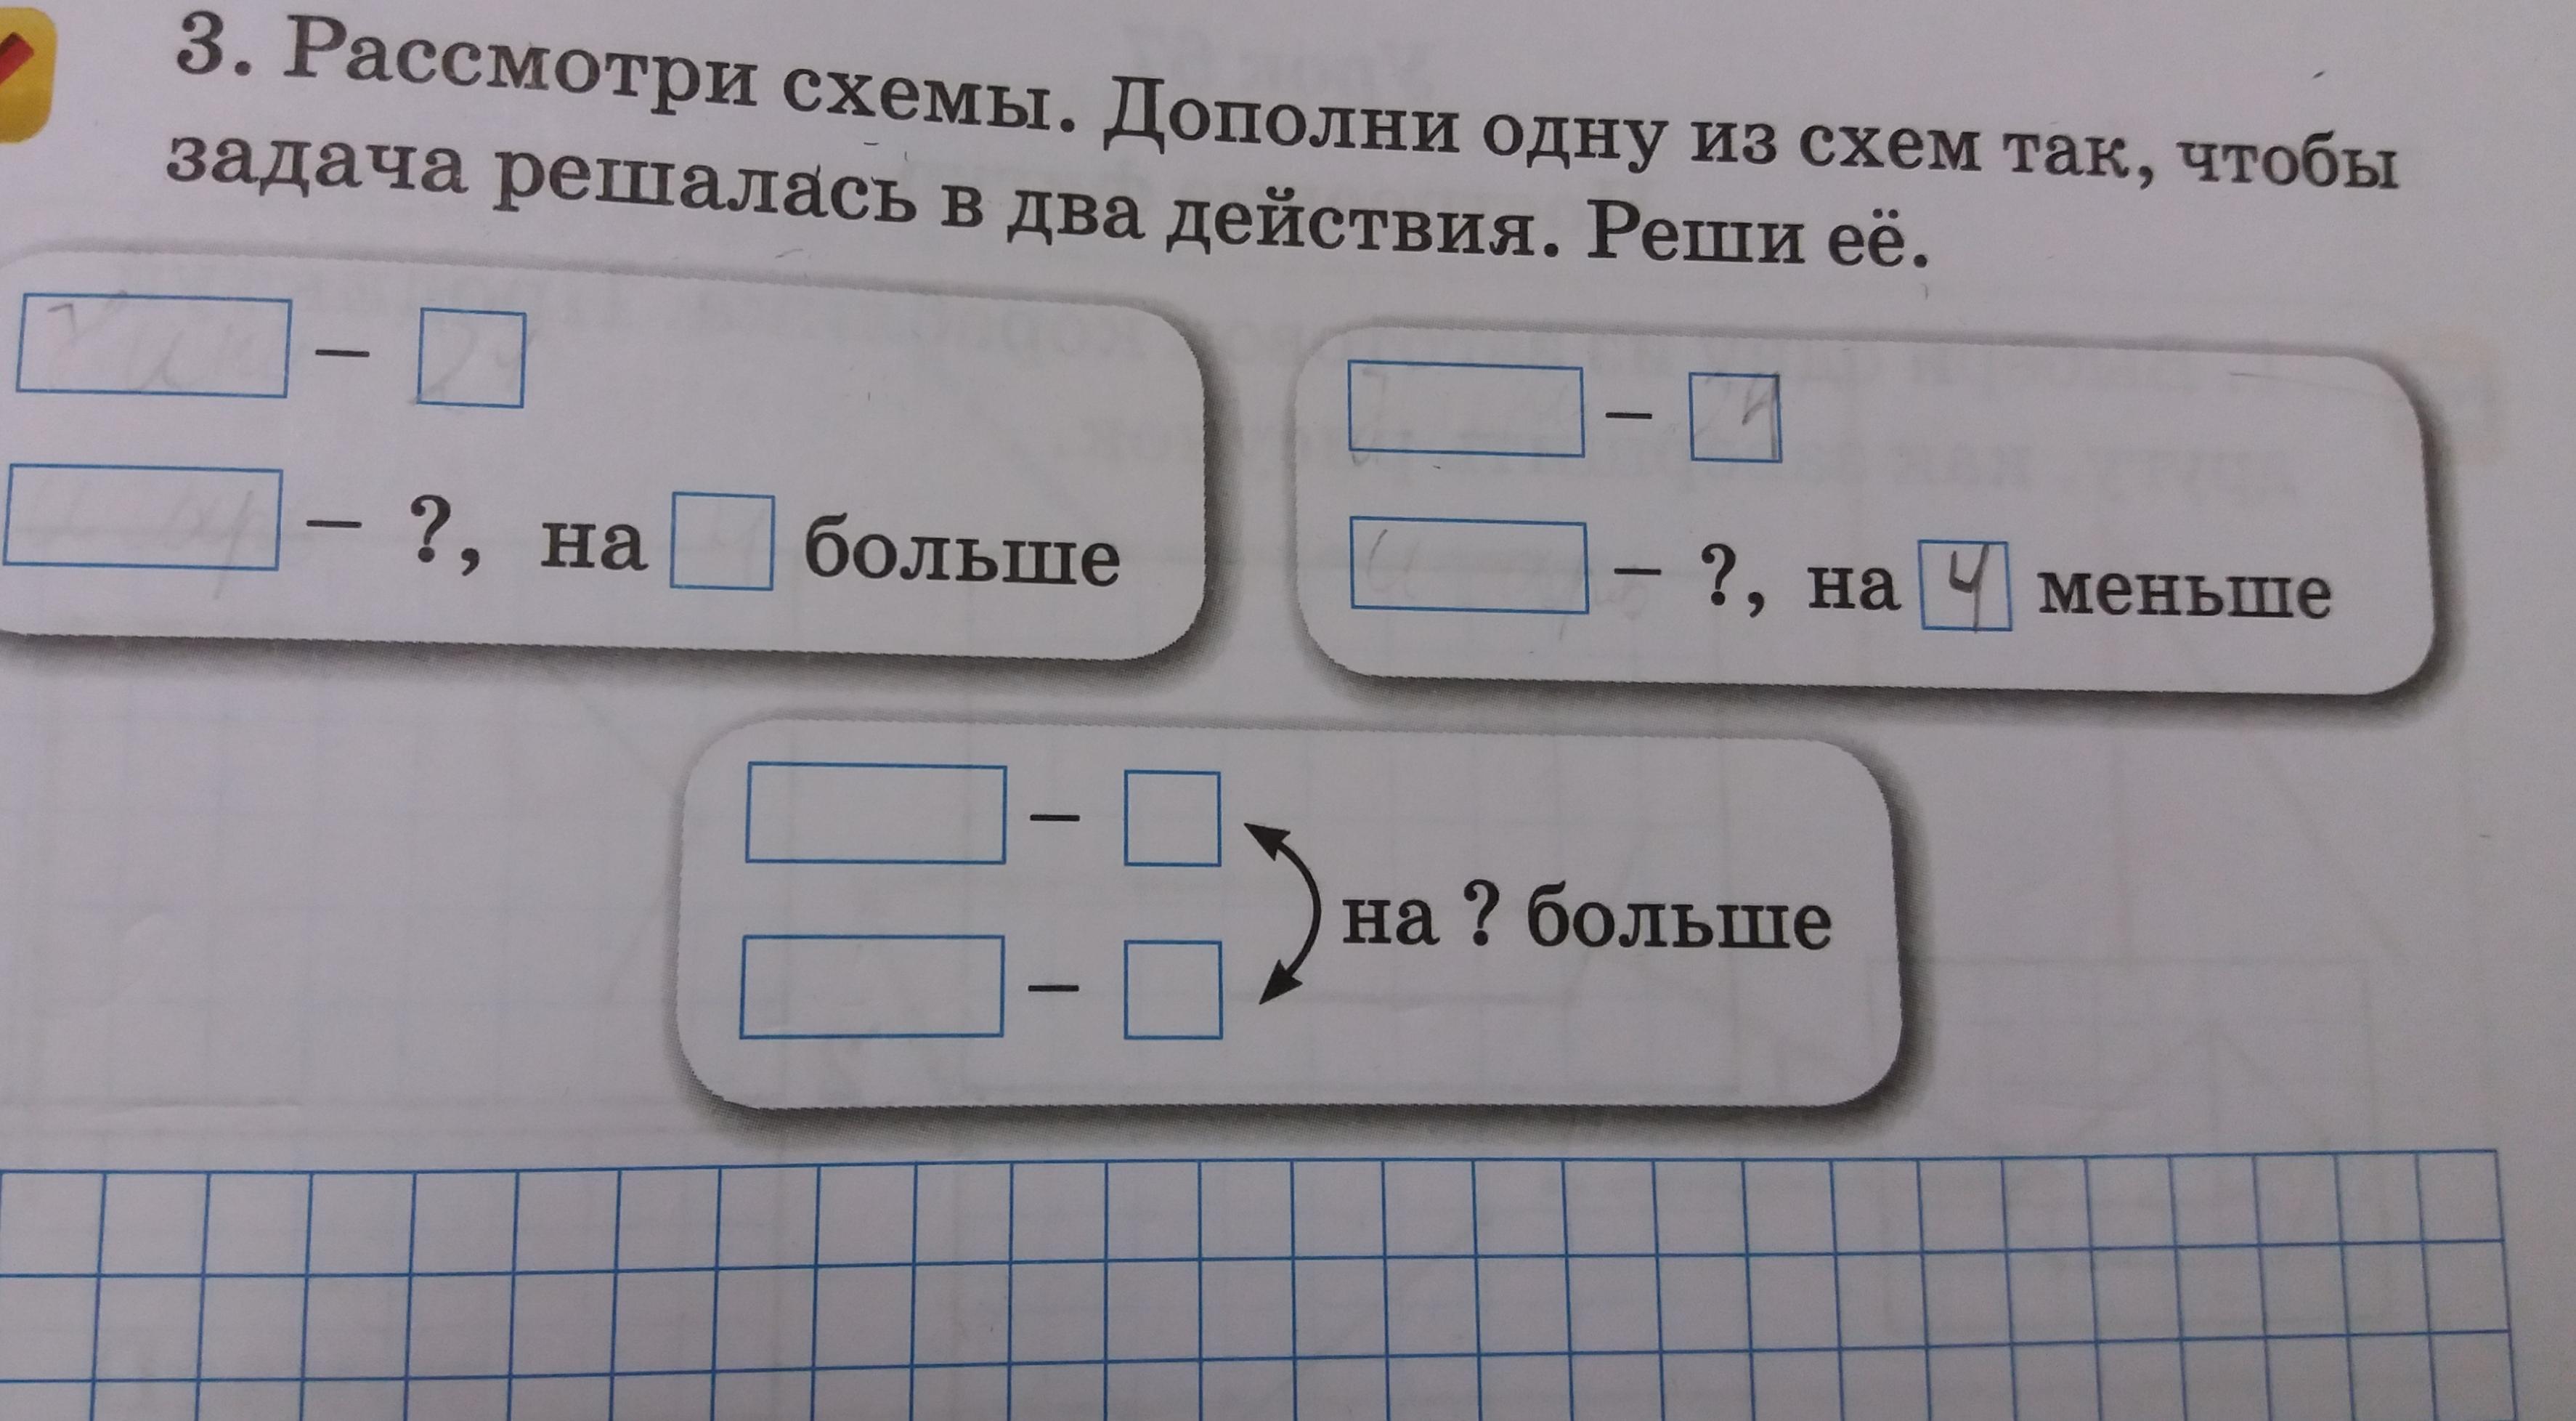 Схема задачи на сколько больше фото 109